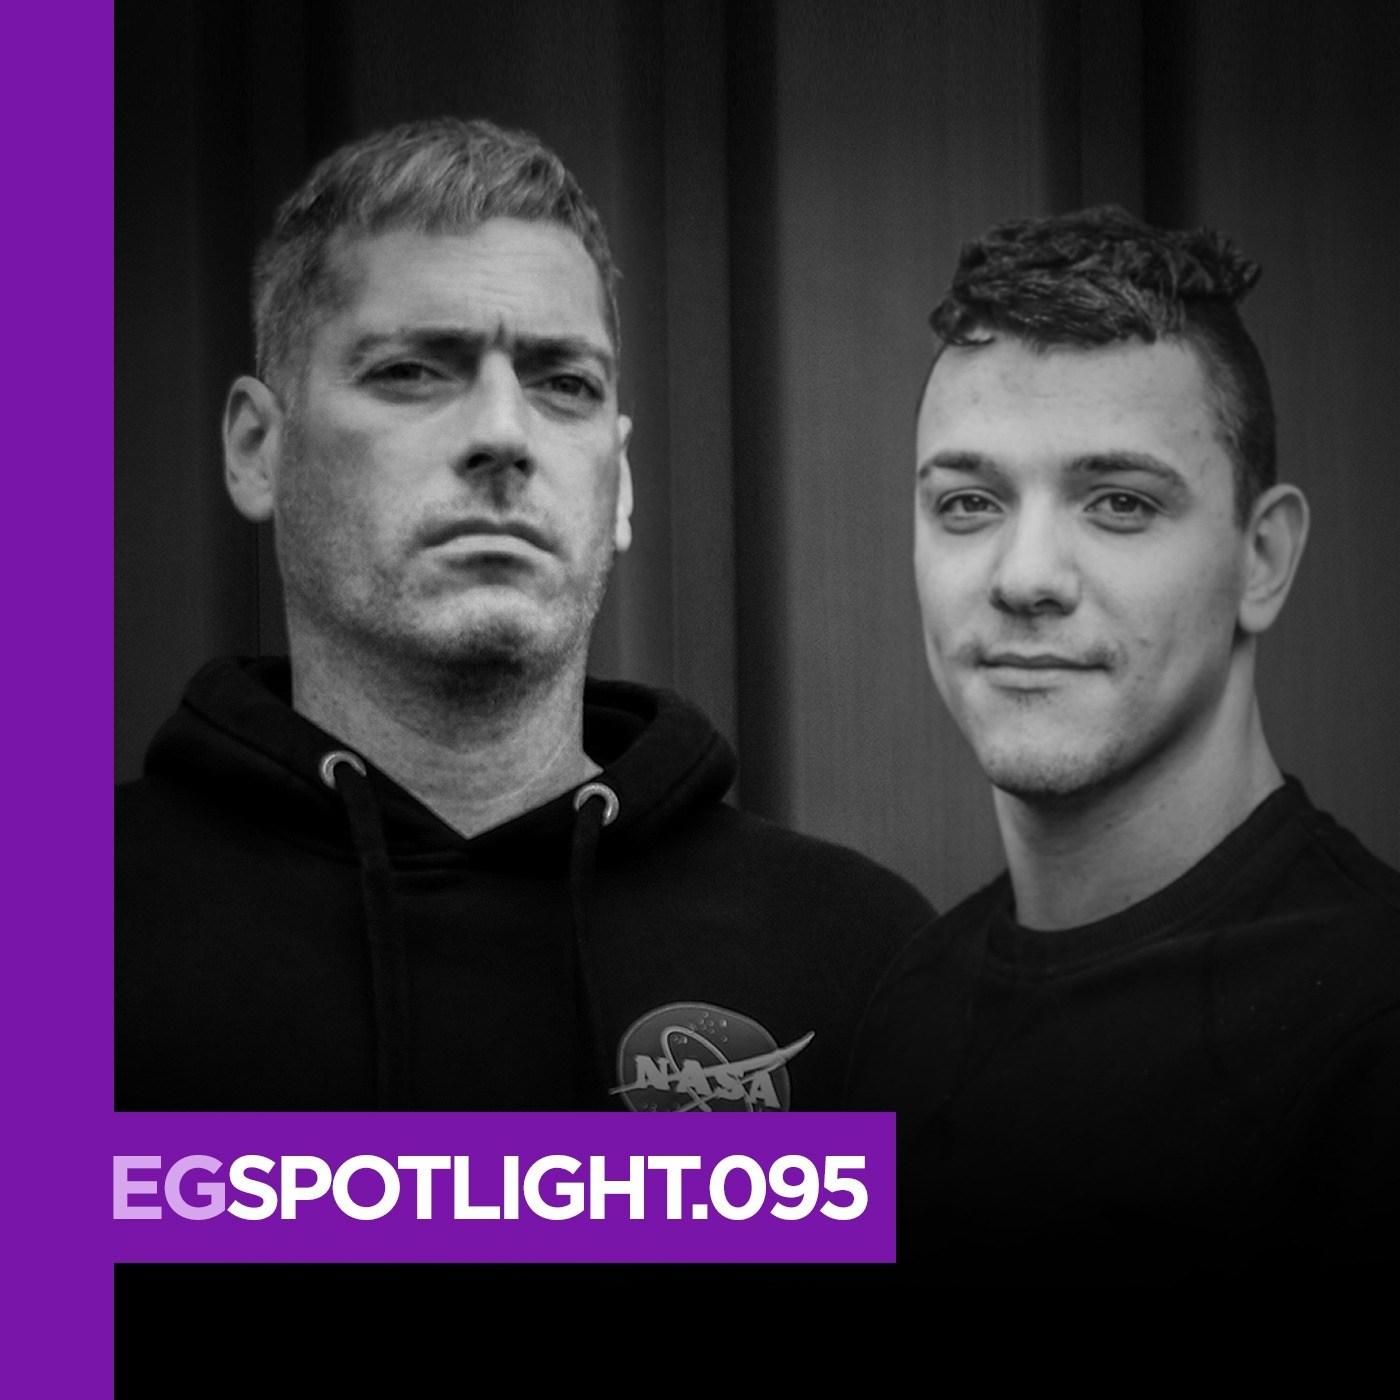 EG-SPOTLIGHT.095-Jake-Tech-Paul-HG